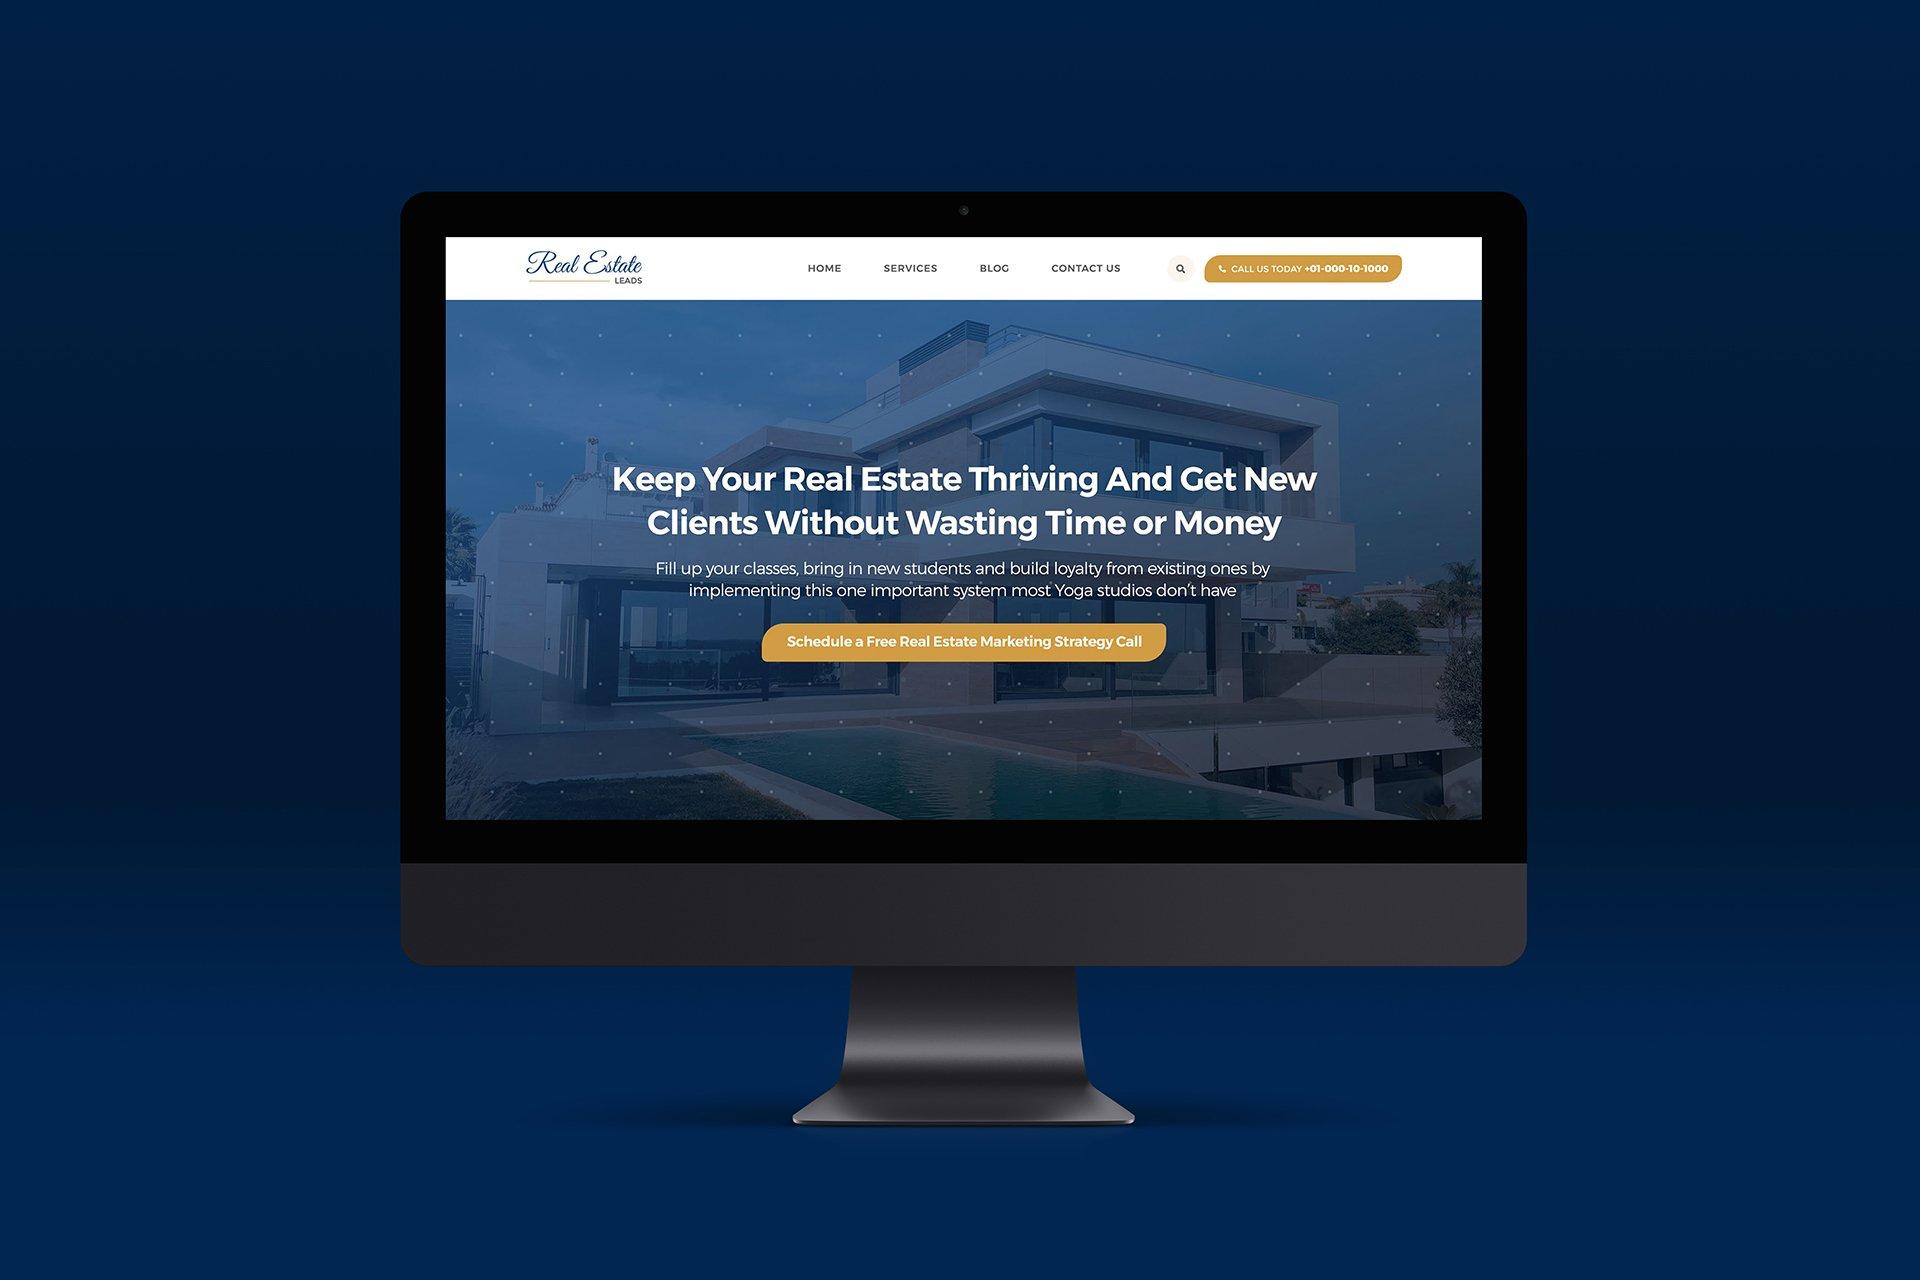 ADAMS_Project_Real_Estate_Lead_Gen_1